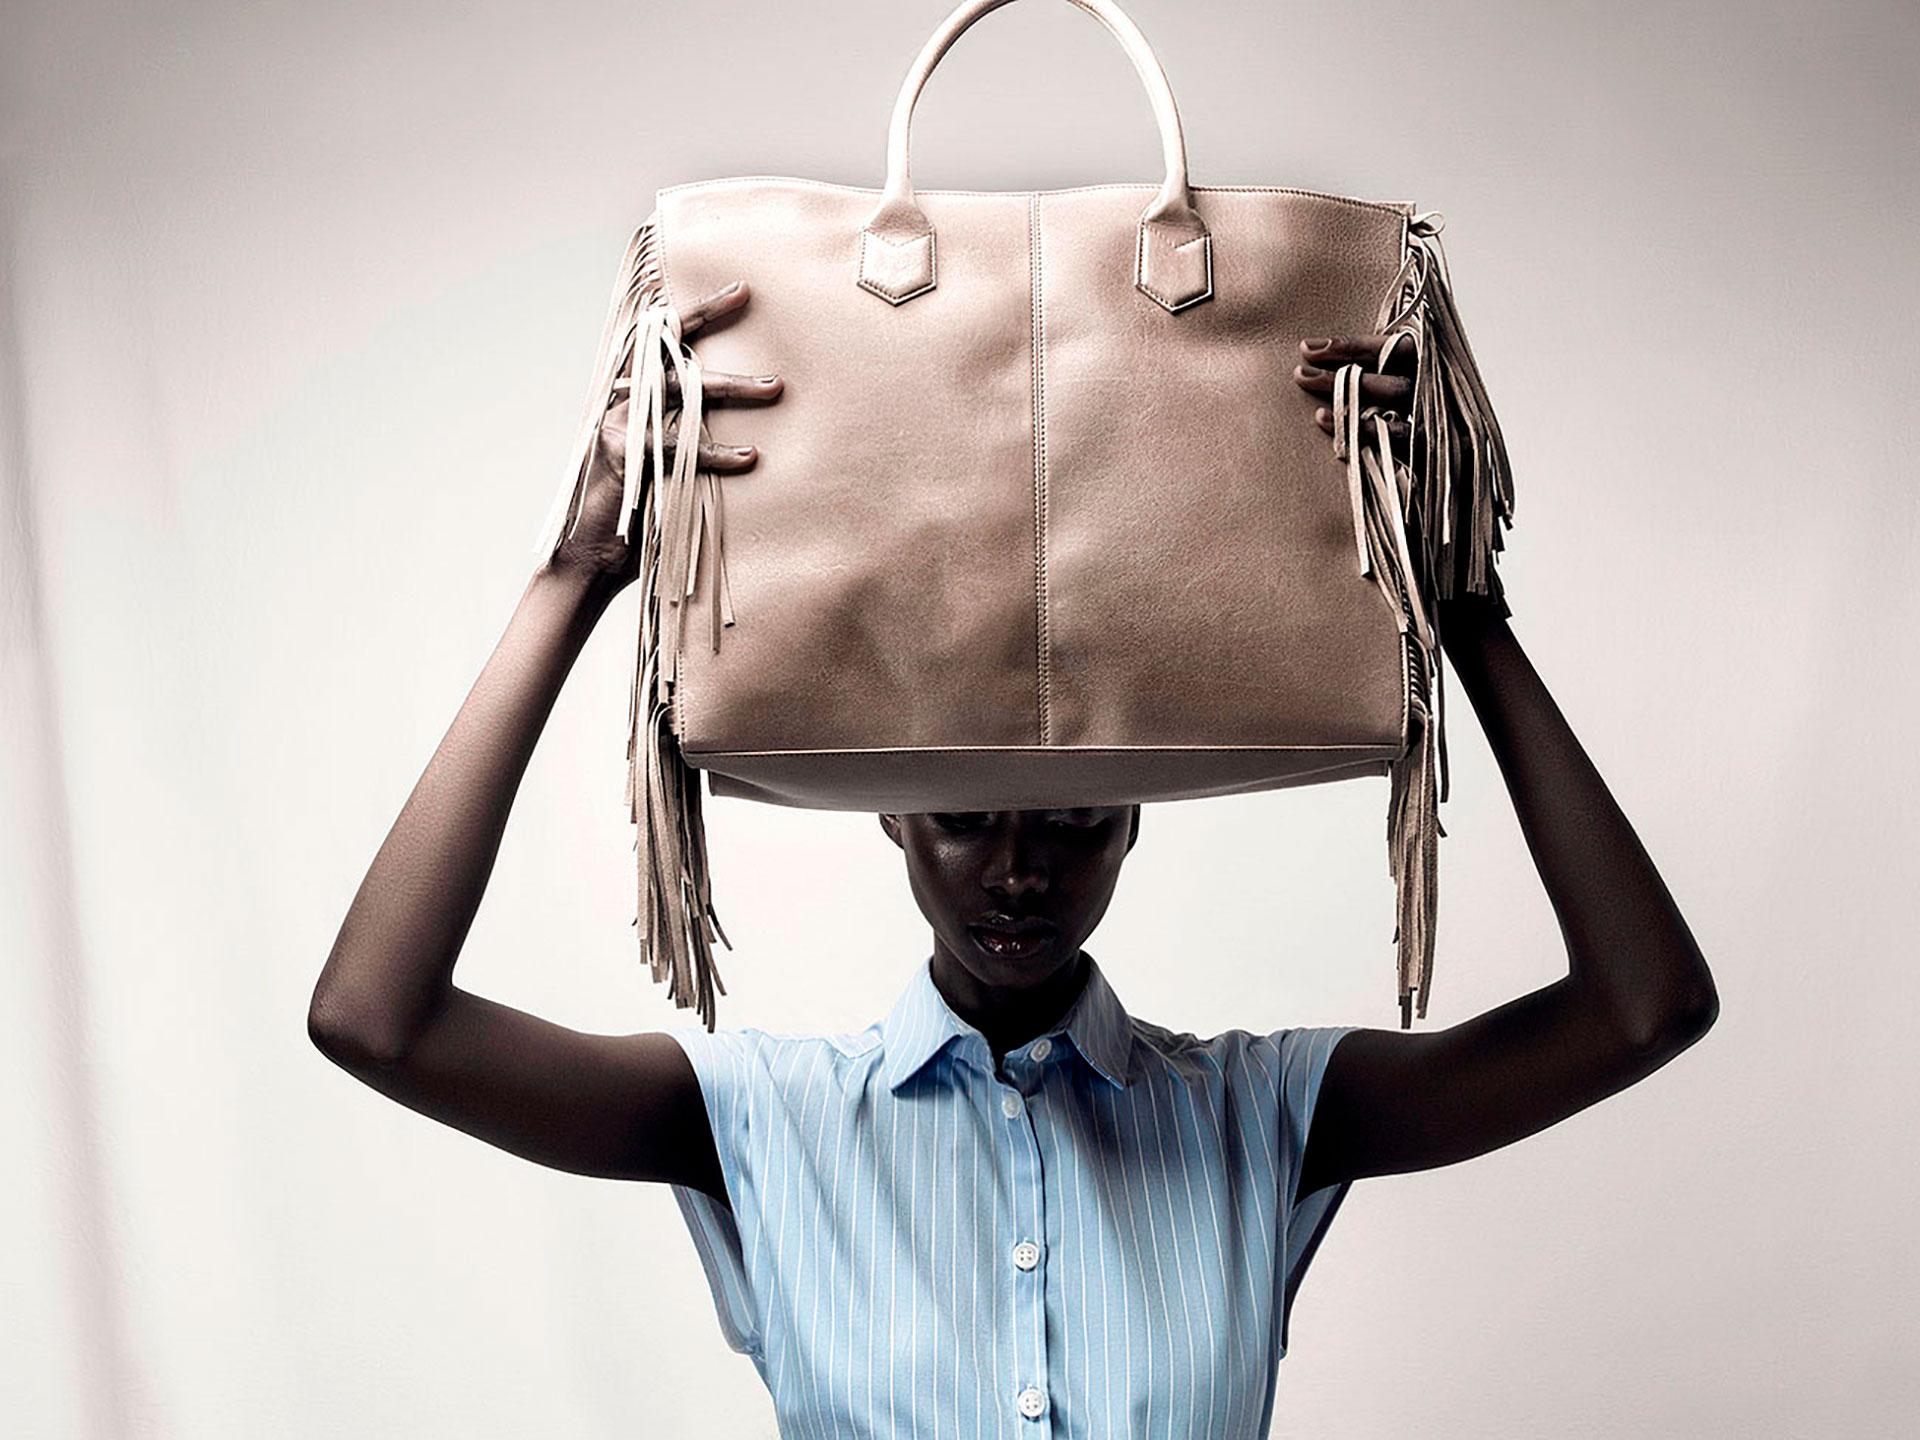 Moda como inversión ¿Por qué consumir marcas mexicanas de lujo?